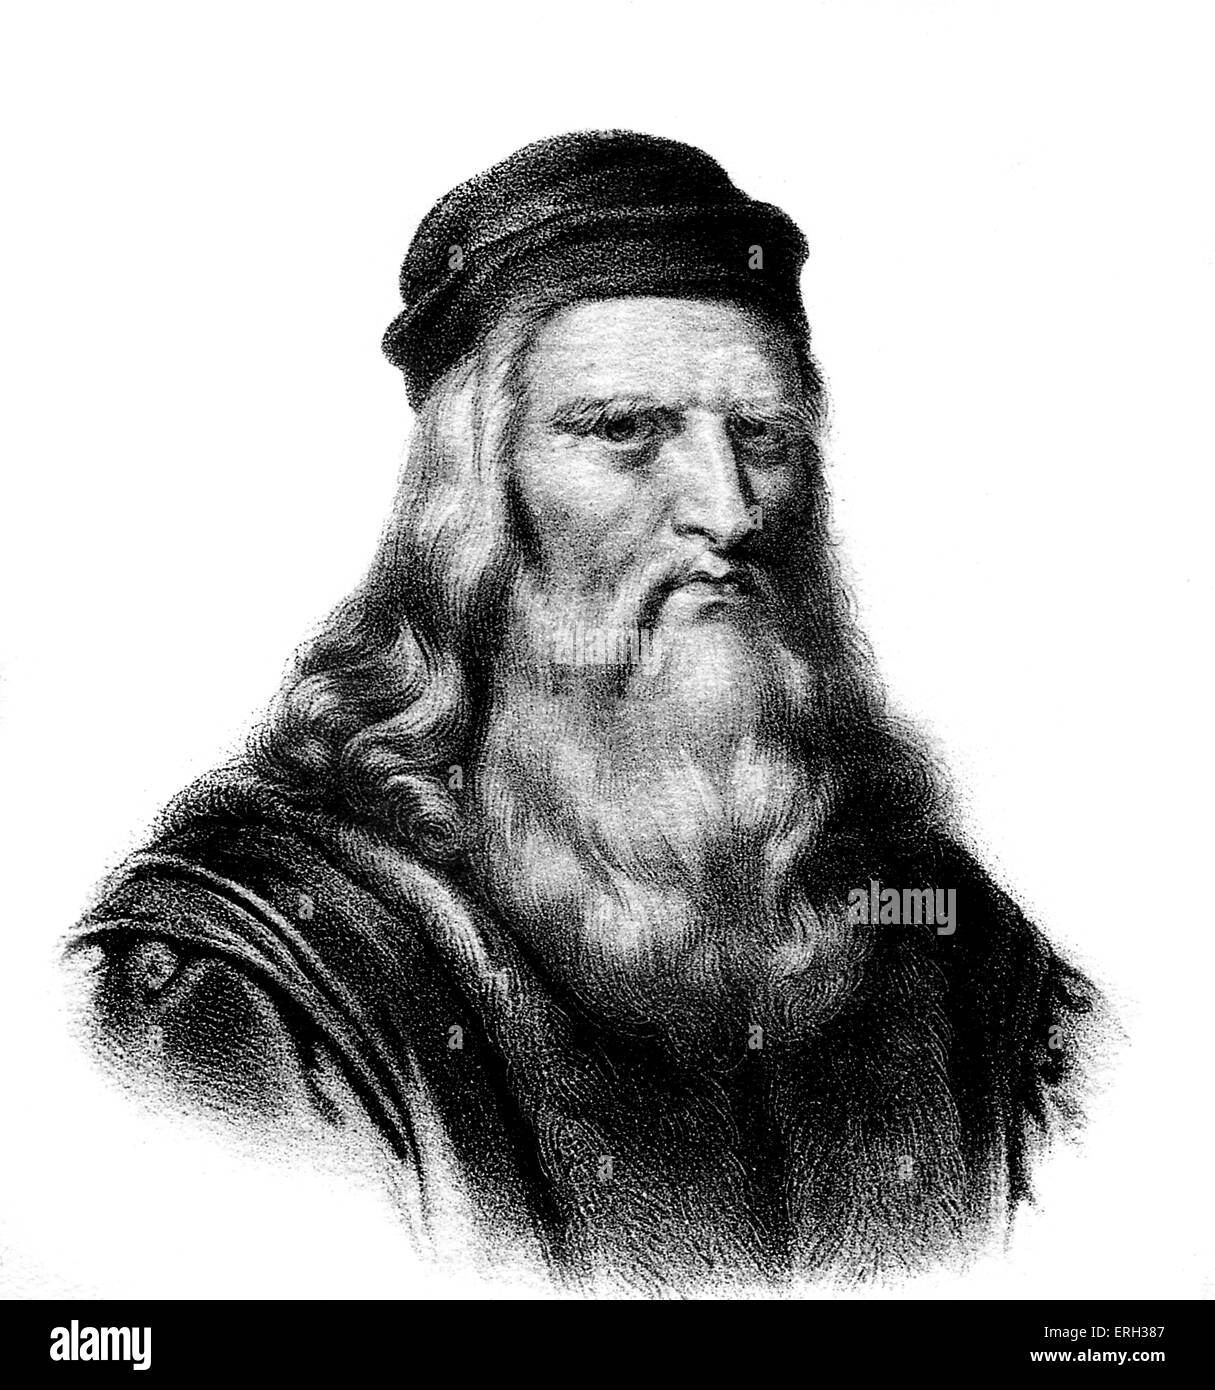 Leonardo da Vinci - italienische Renaissance Maler, Bildhauer, Schriftsteller, Wissenschaftler, Architekten und Stockbild